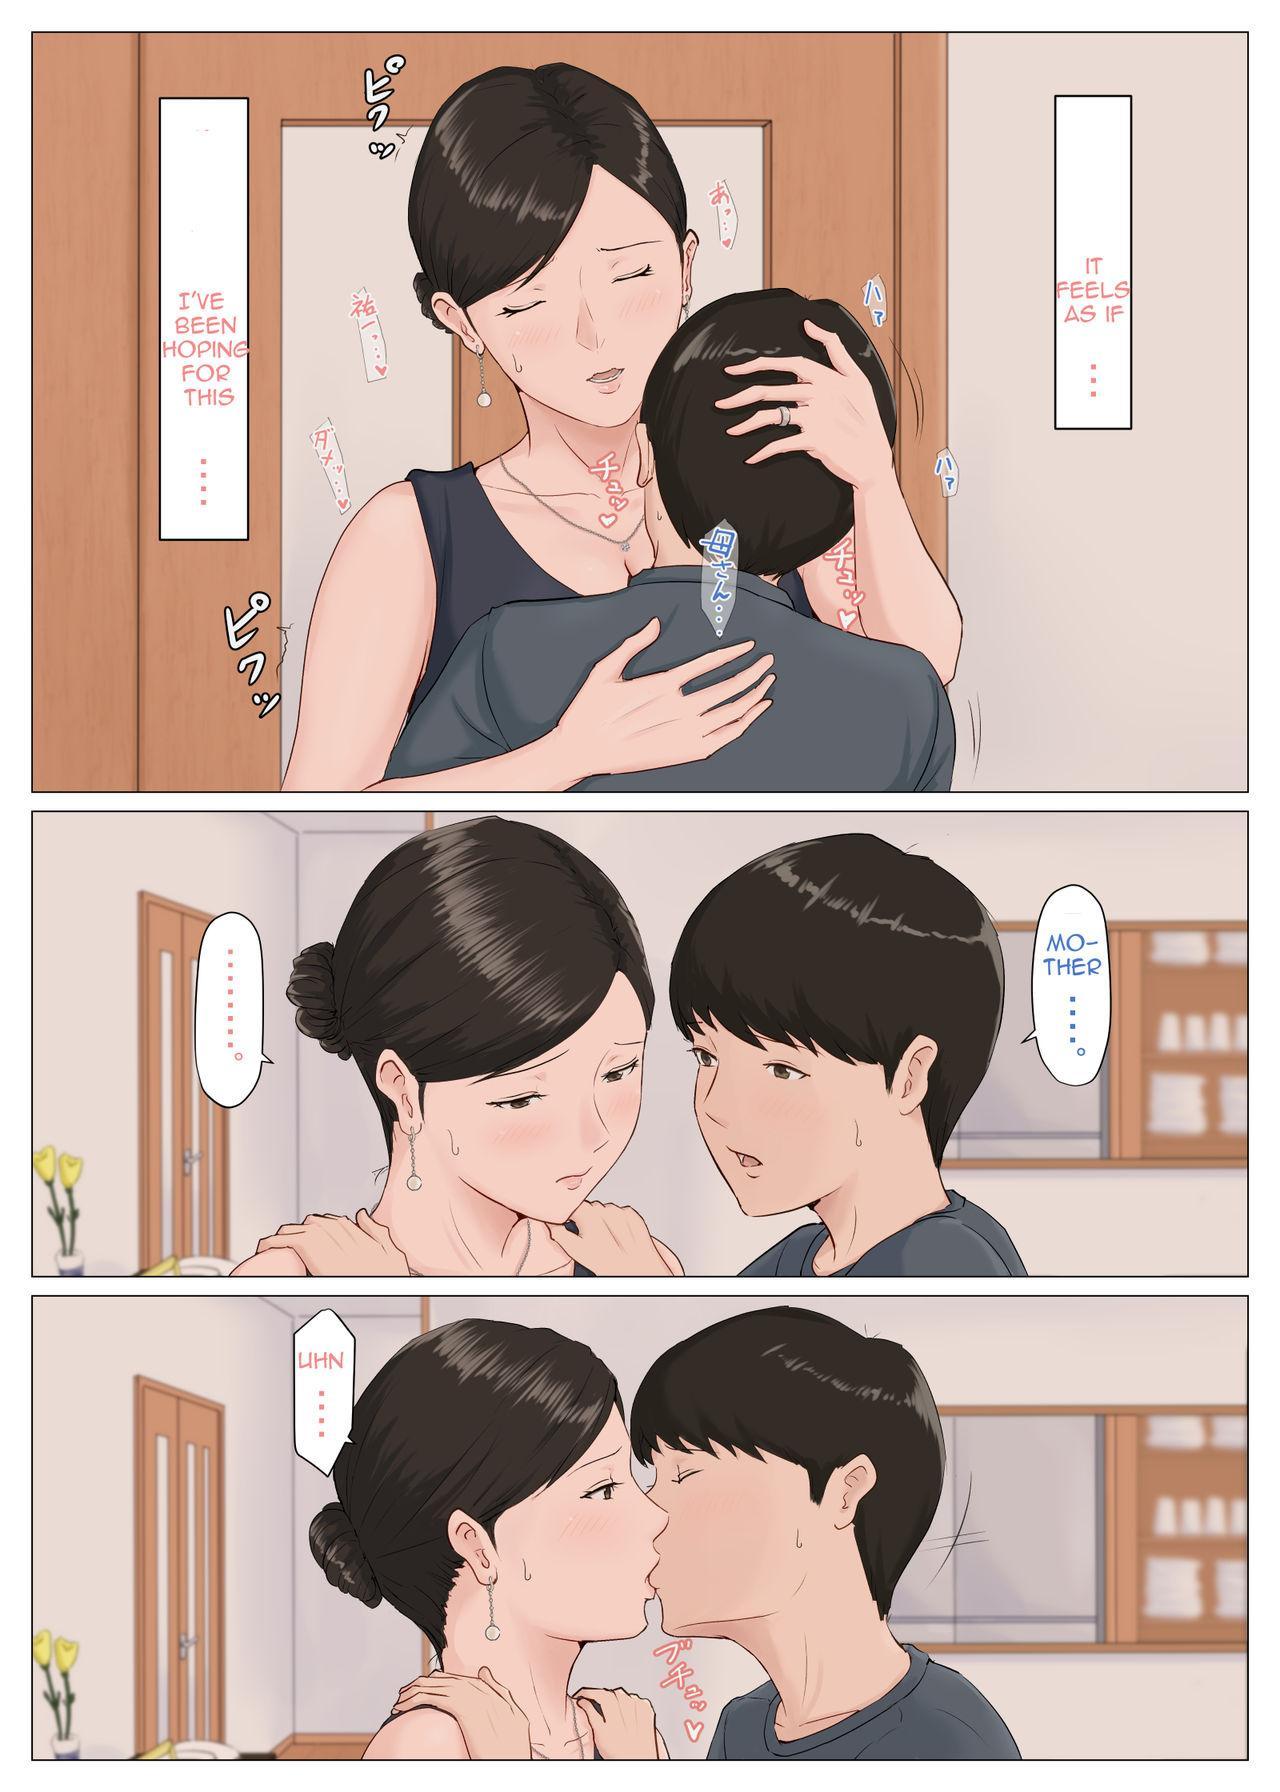 [Horsetail] Kaa-san Janakya Dame Nanda!! 5 ~Kanketsuhen Zenpen~| Mother, It Has to Be You ~Conclusion Part 1~[English][Amoskandy] 40